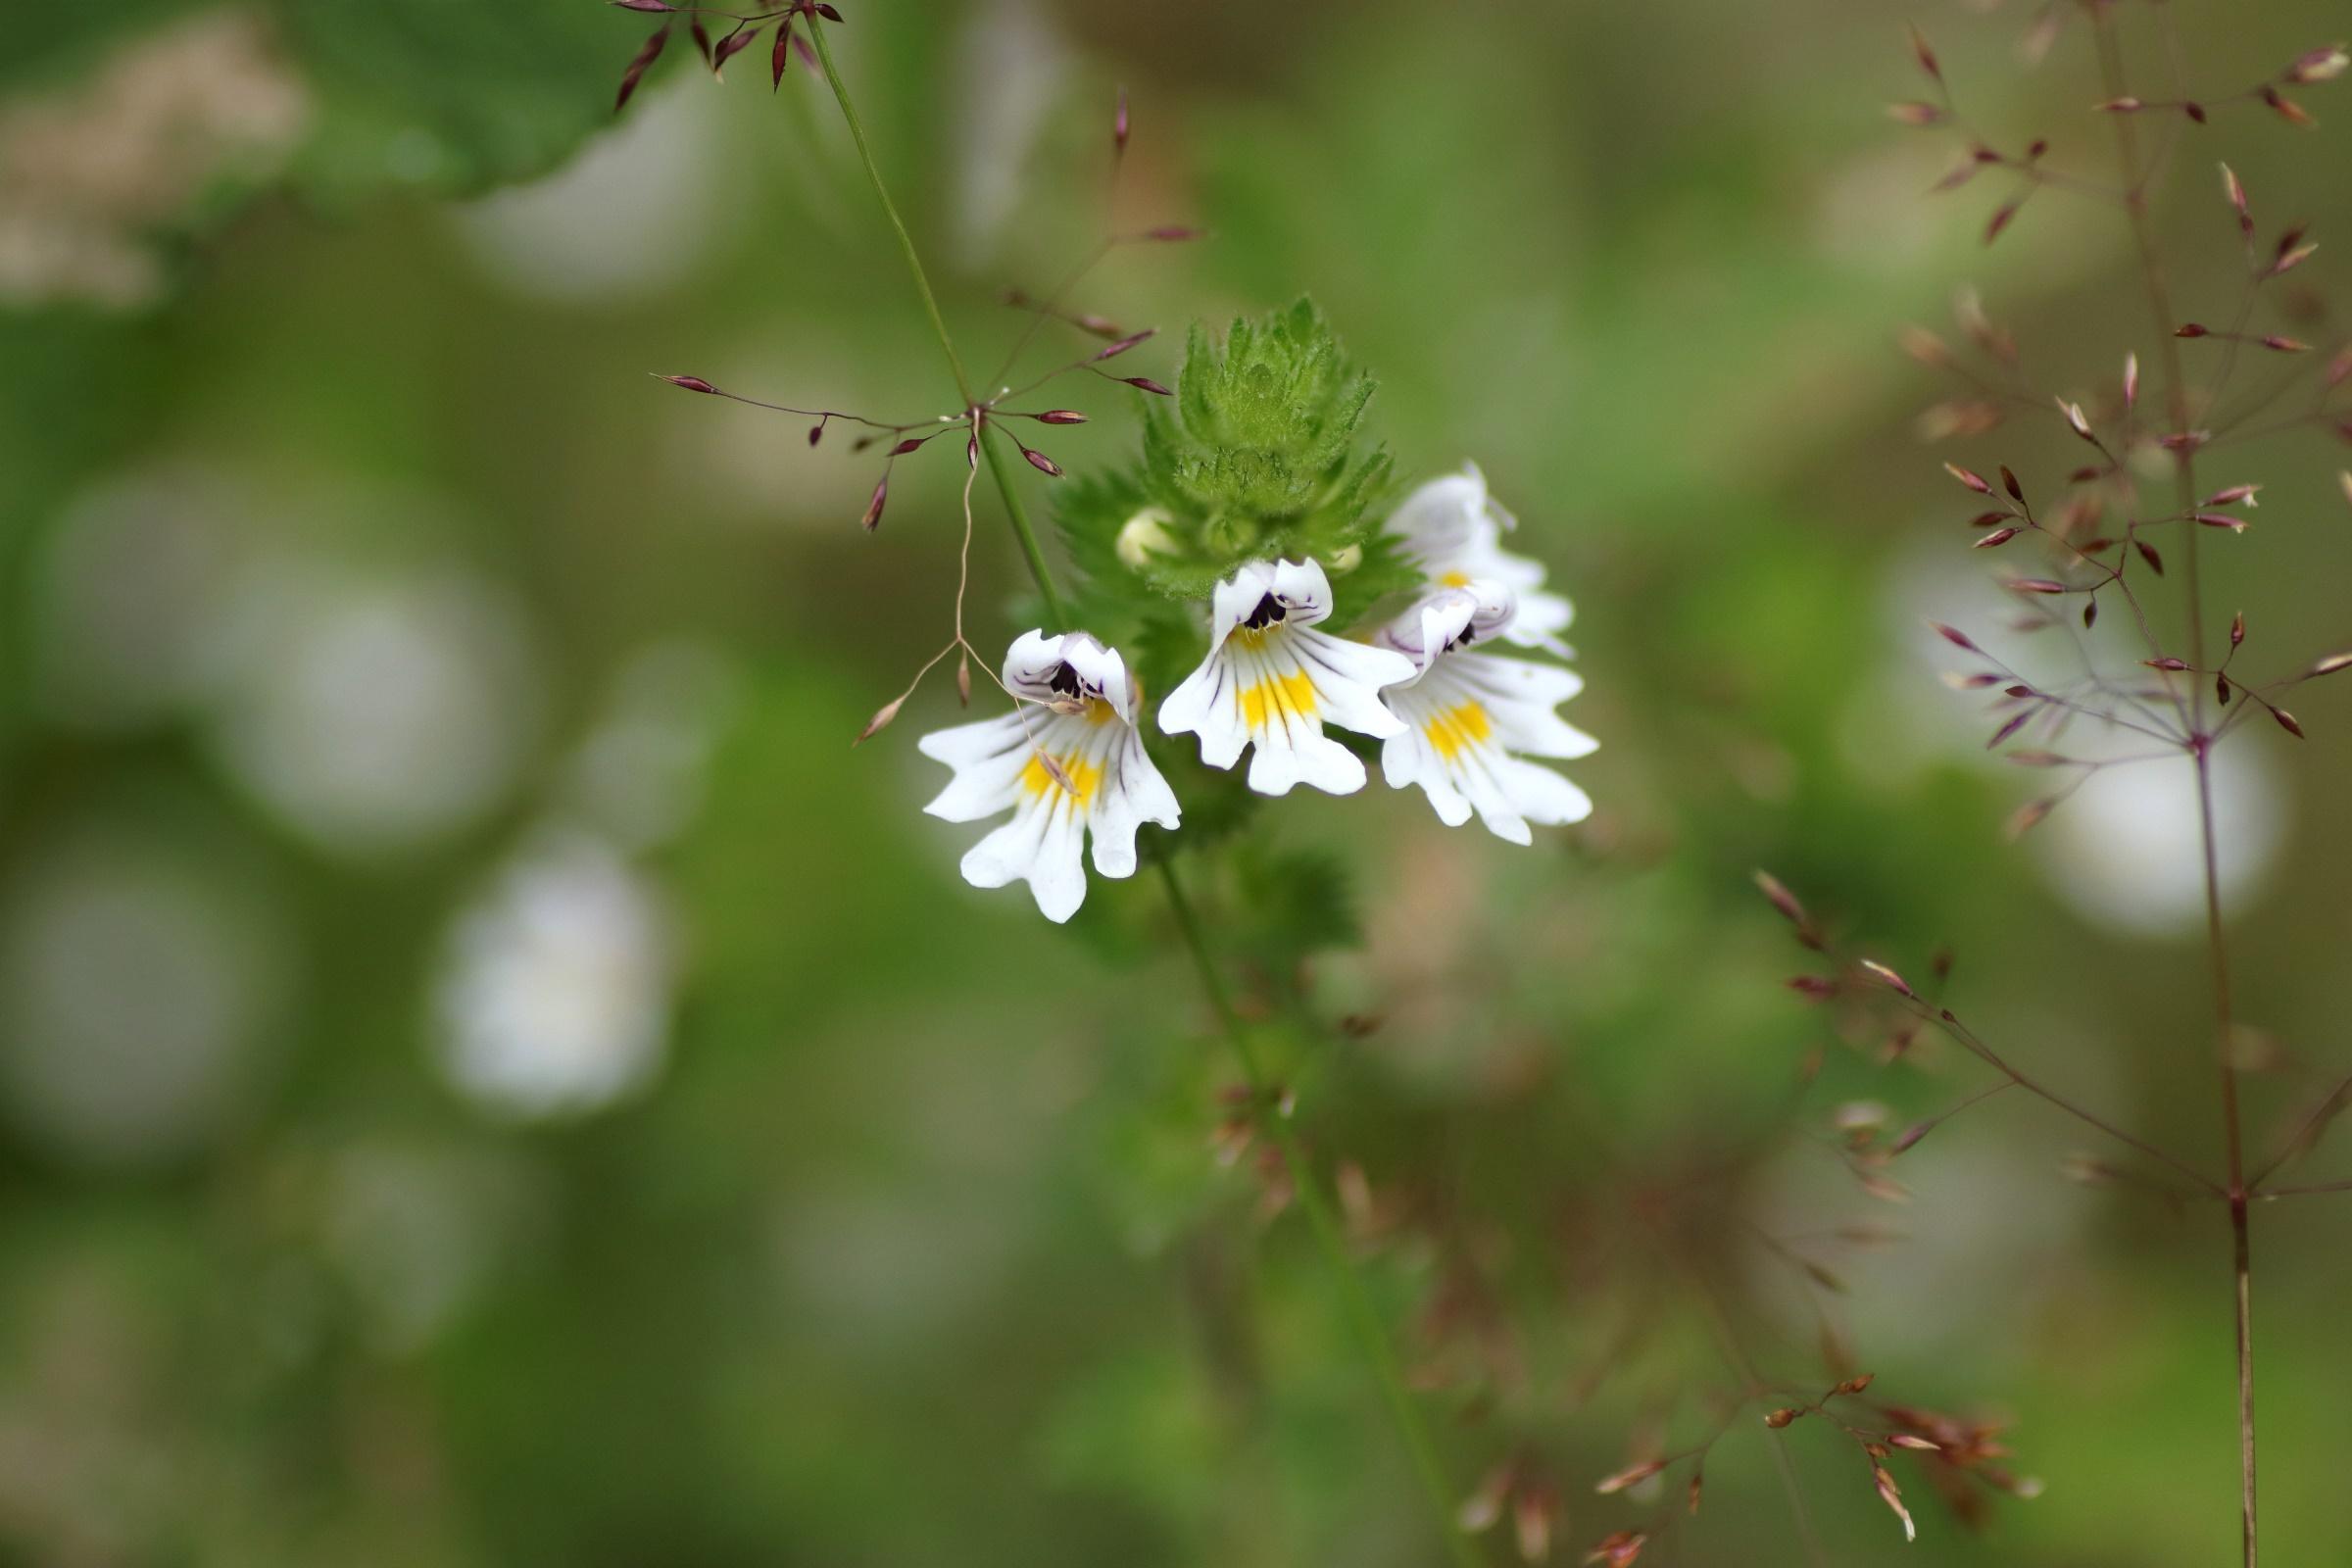 Gemeiner Augentrost - Blüte in der Detailaufnahme